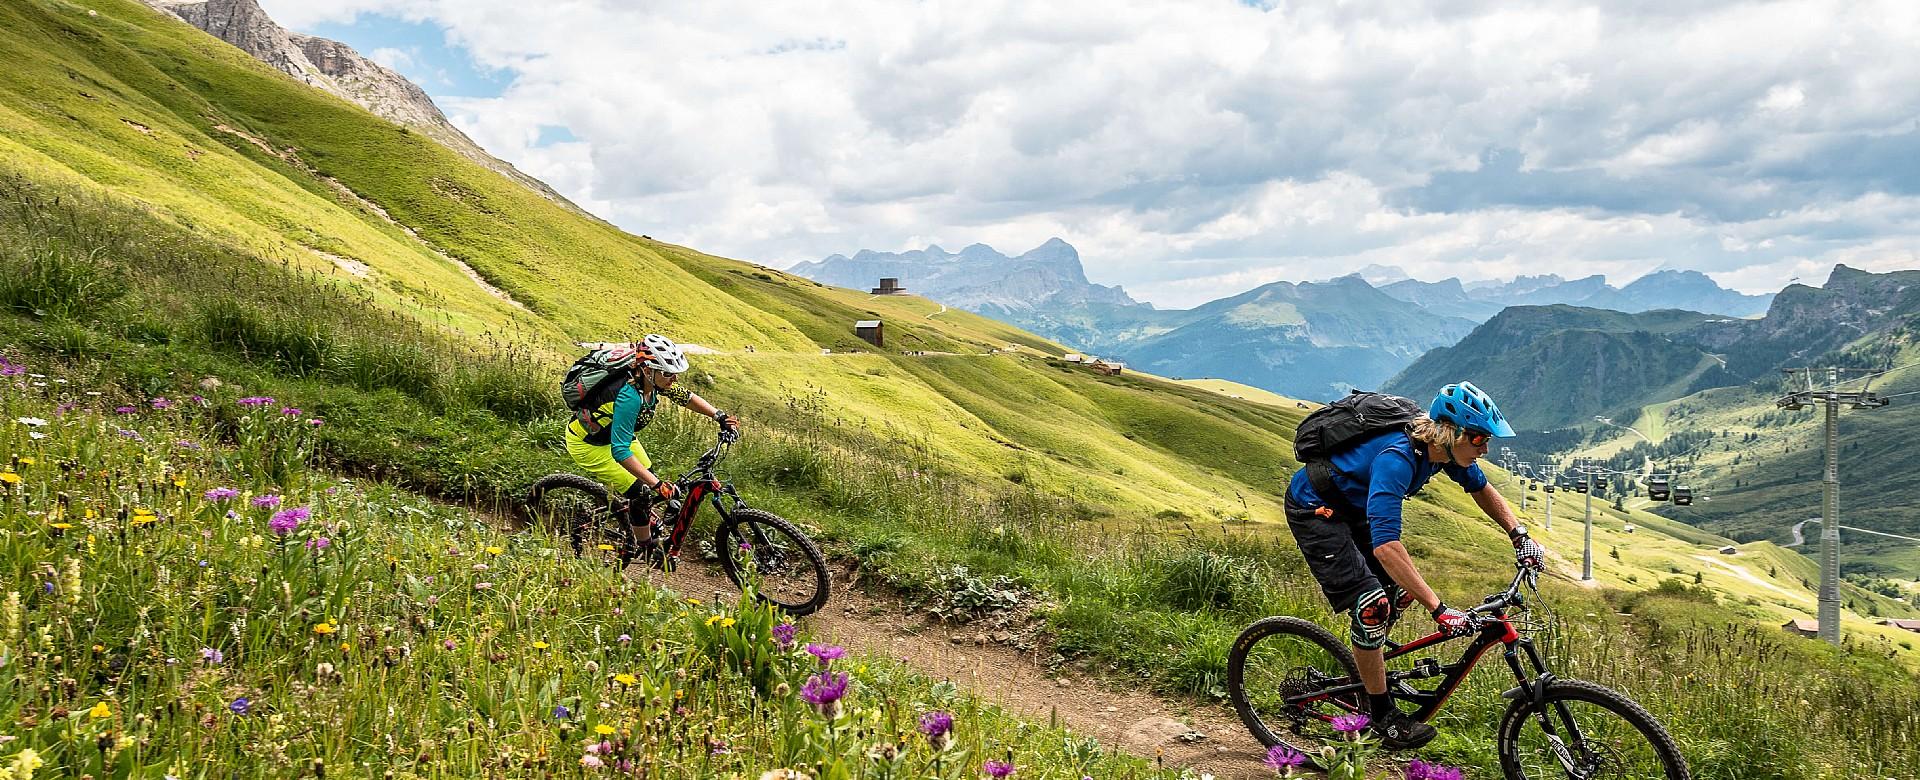 Val Di Fassa Lift La Tua Strada Per Le Dolomiti